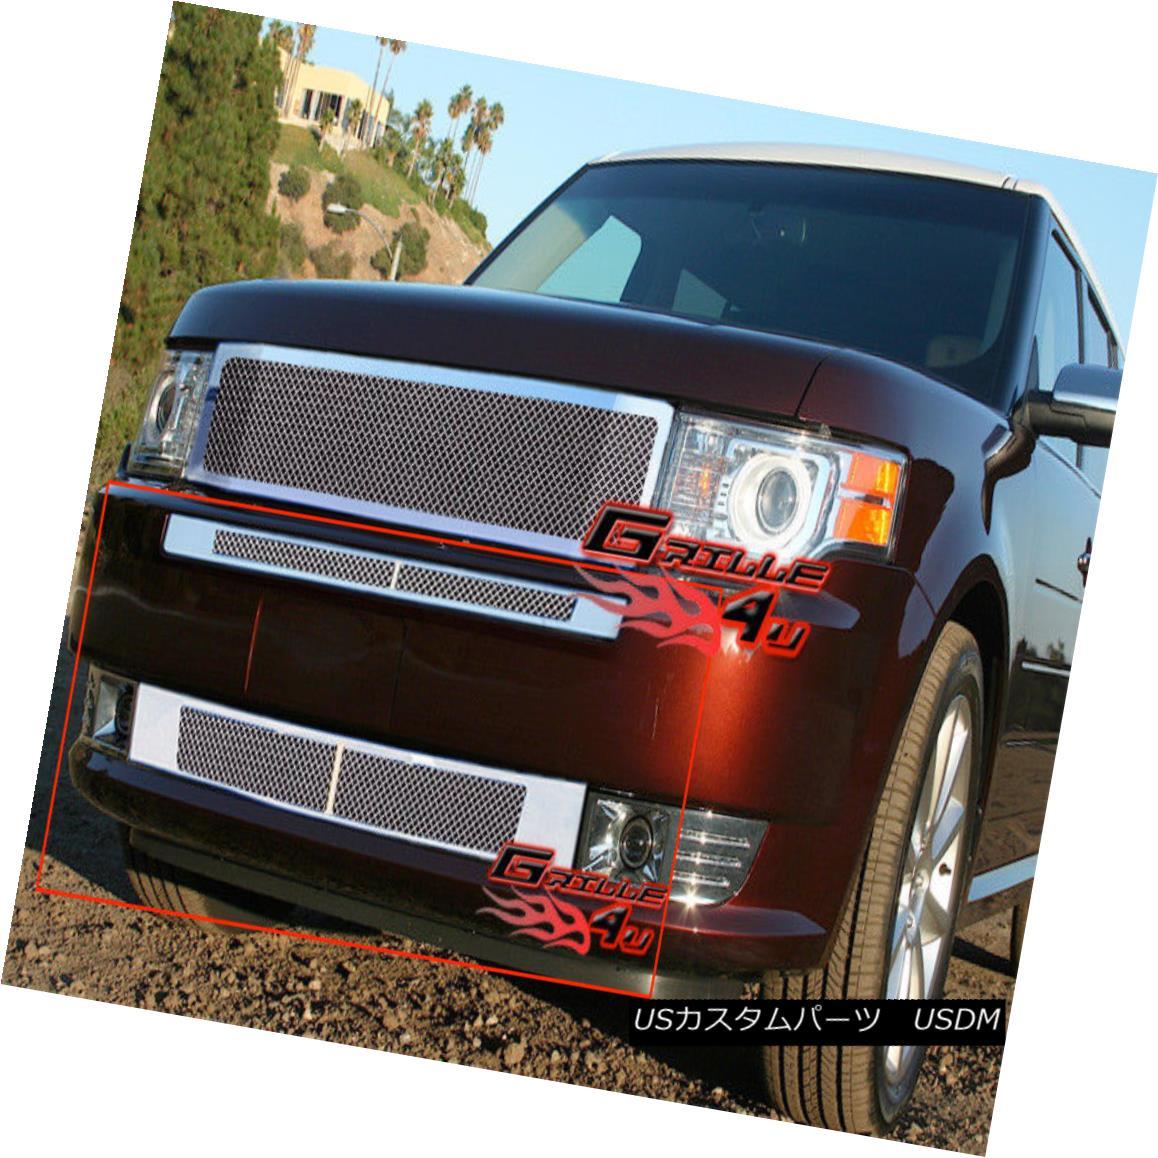 グリル Fits 2009-2012 Ford Flex Lower Bumper Stainless Steel Mesh Grille フィット2009-2012フォードフレックスロワーバンパーステンレスメッシュグリル